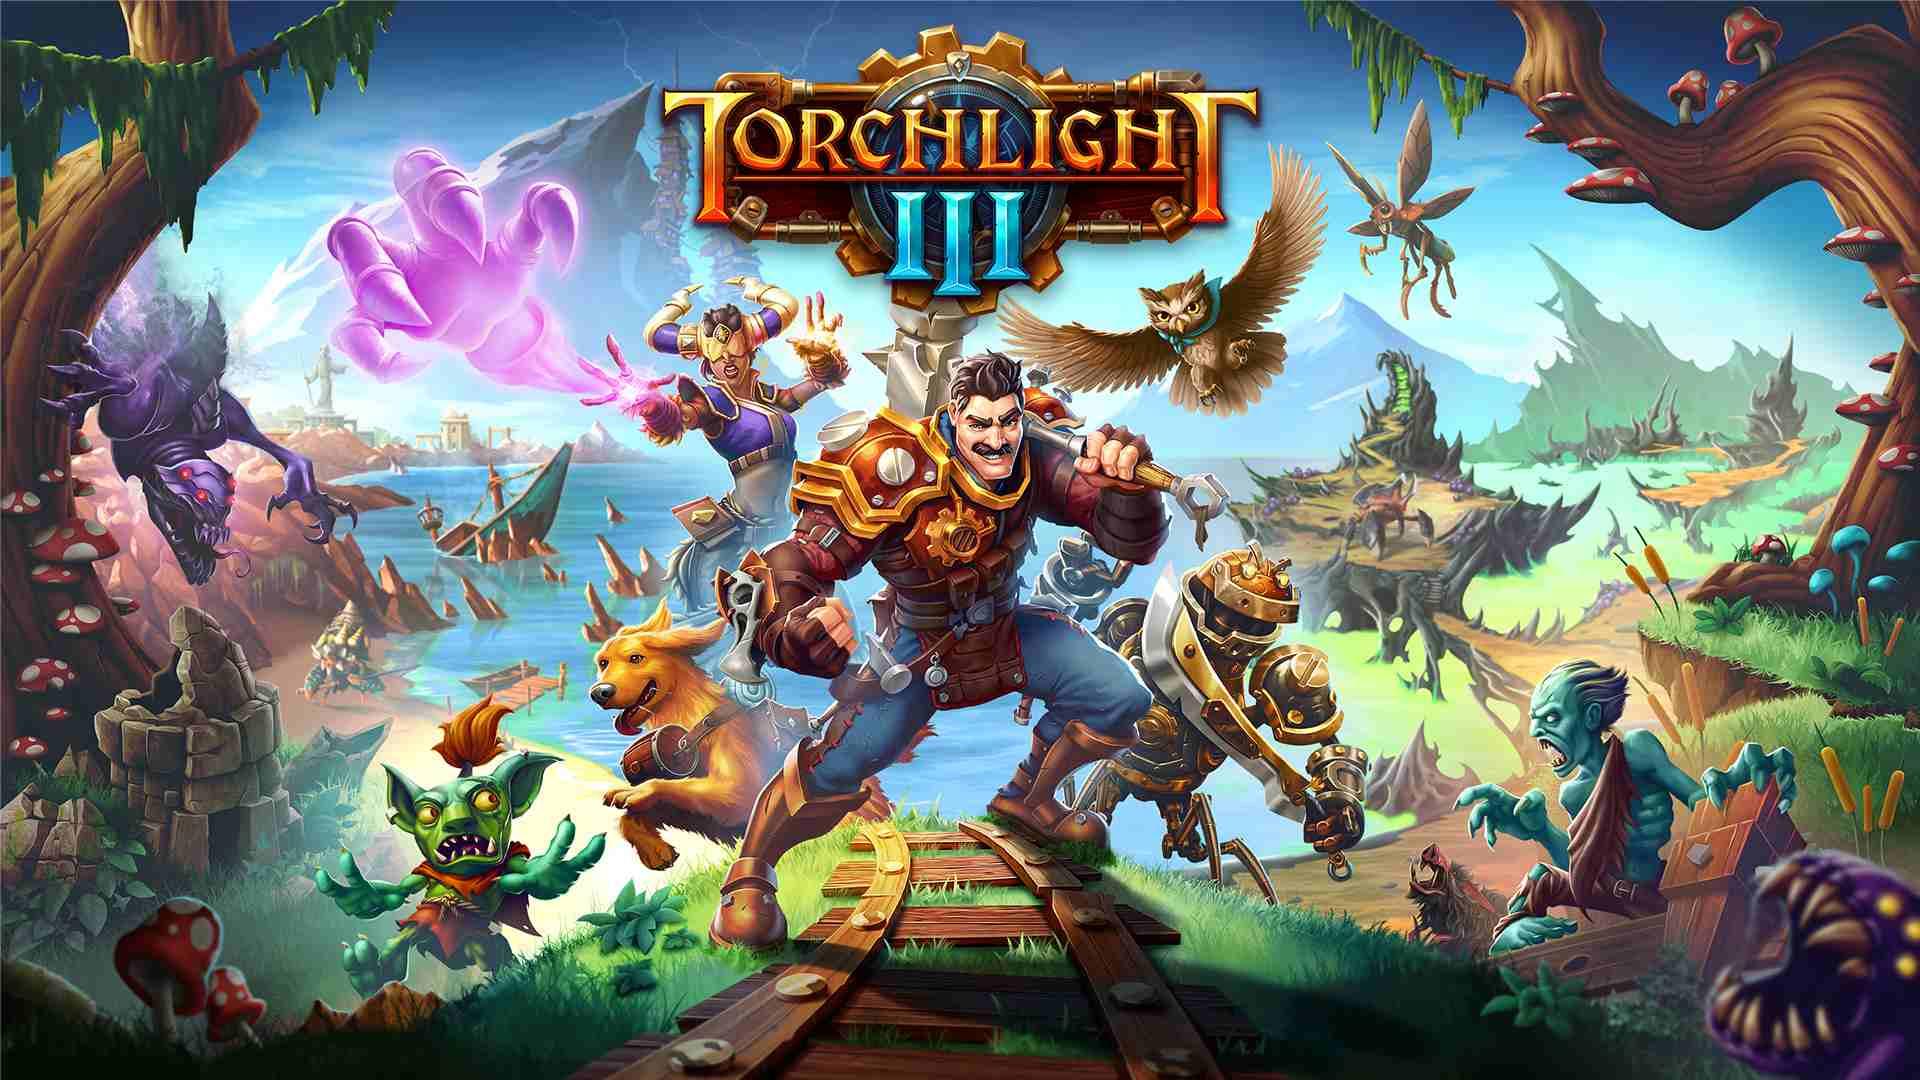 Torch Light 3